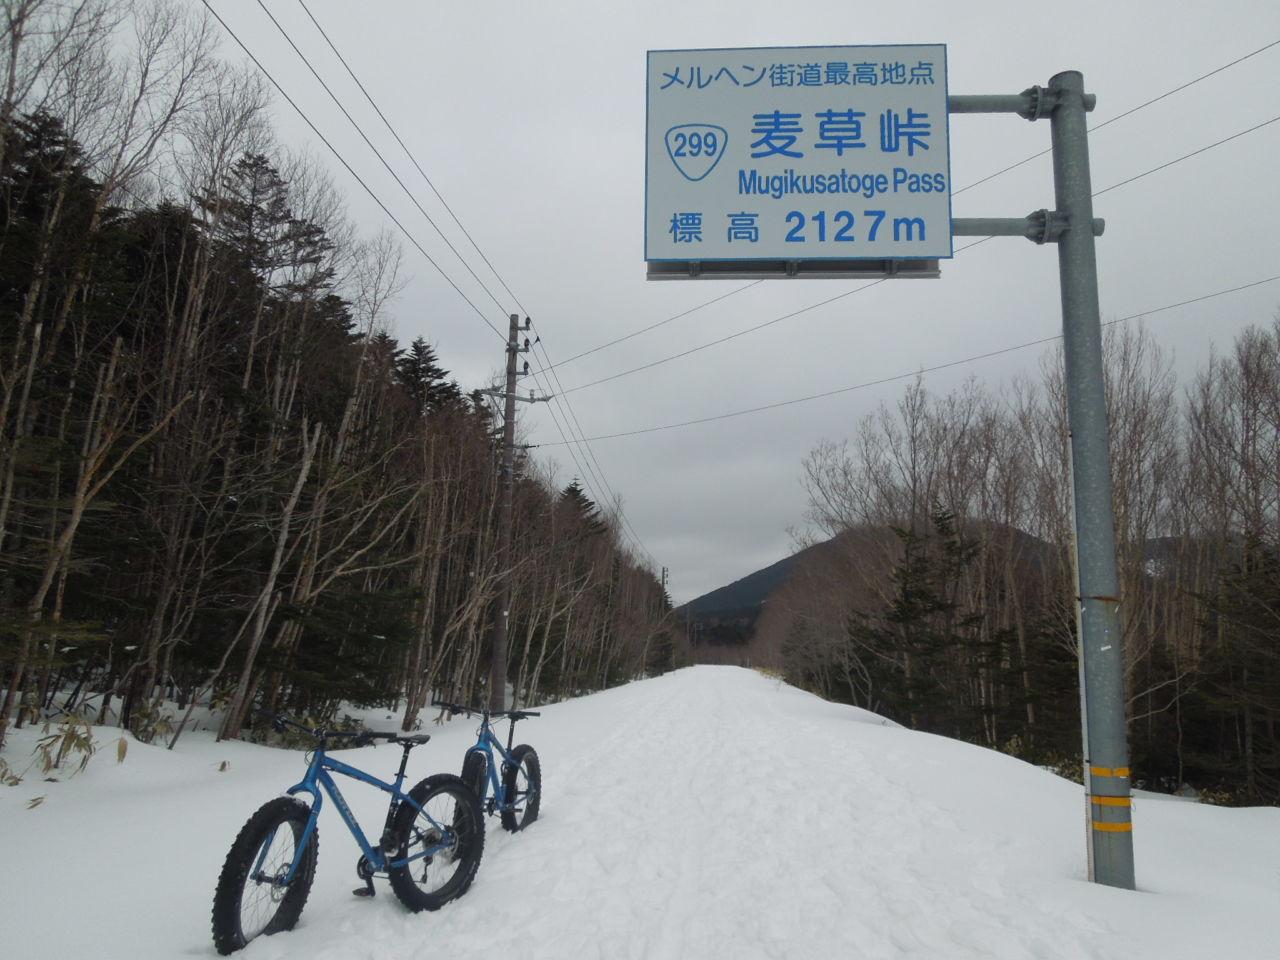 自転車で雪道を走る方法まとめ ファットバイクから雪道用タイヤ(スパイクタイヤ、スタッドレスタイヤ)等を紹介